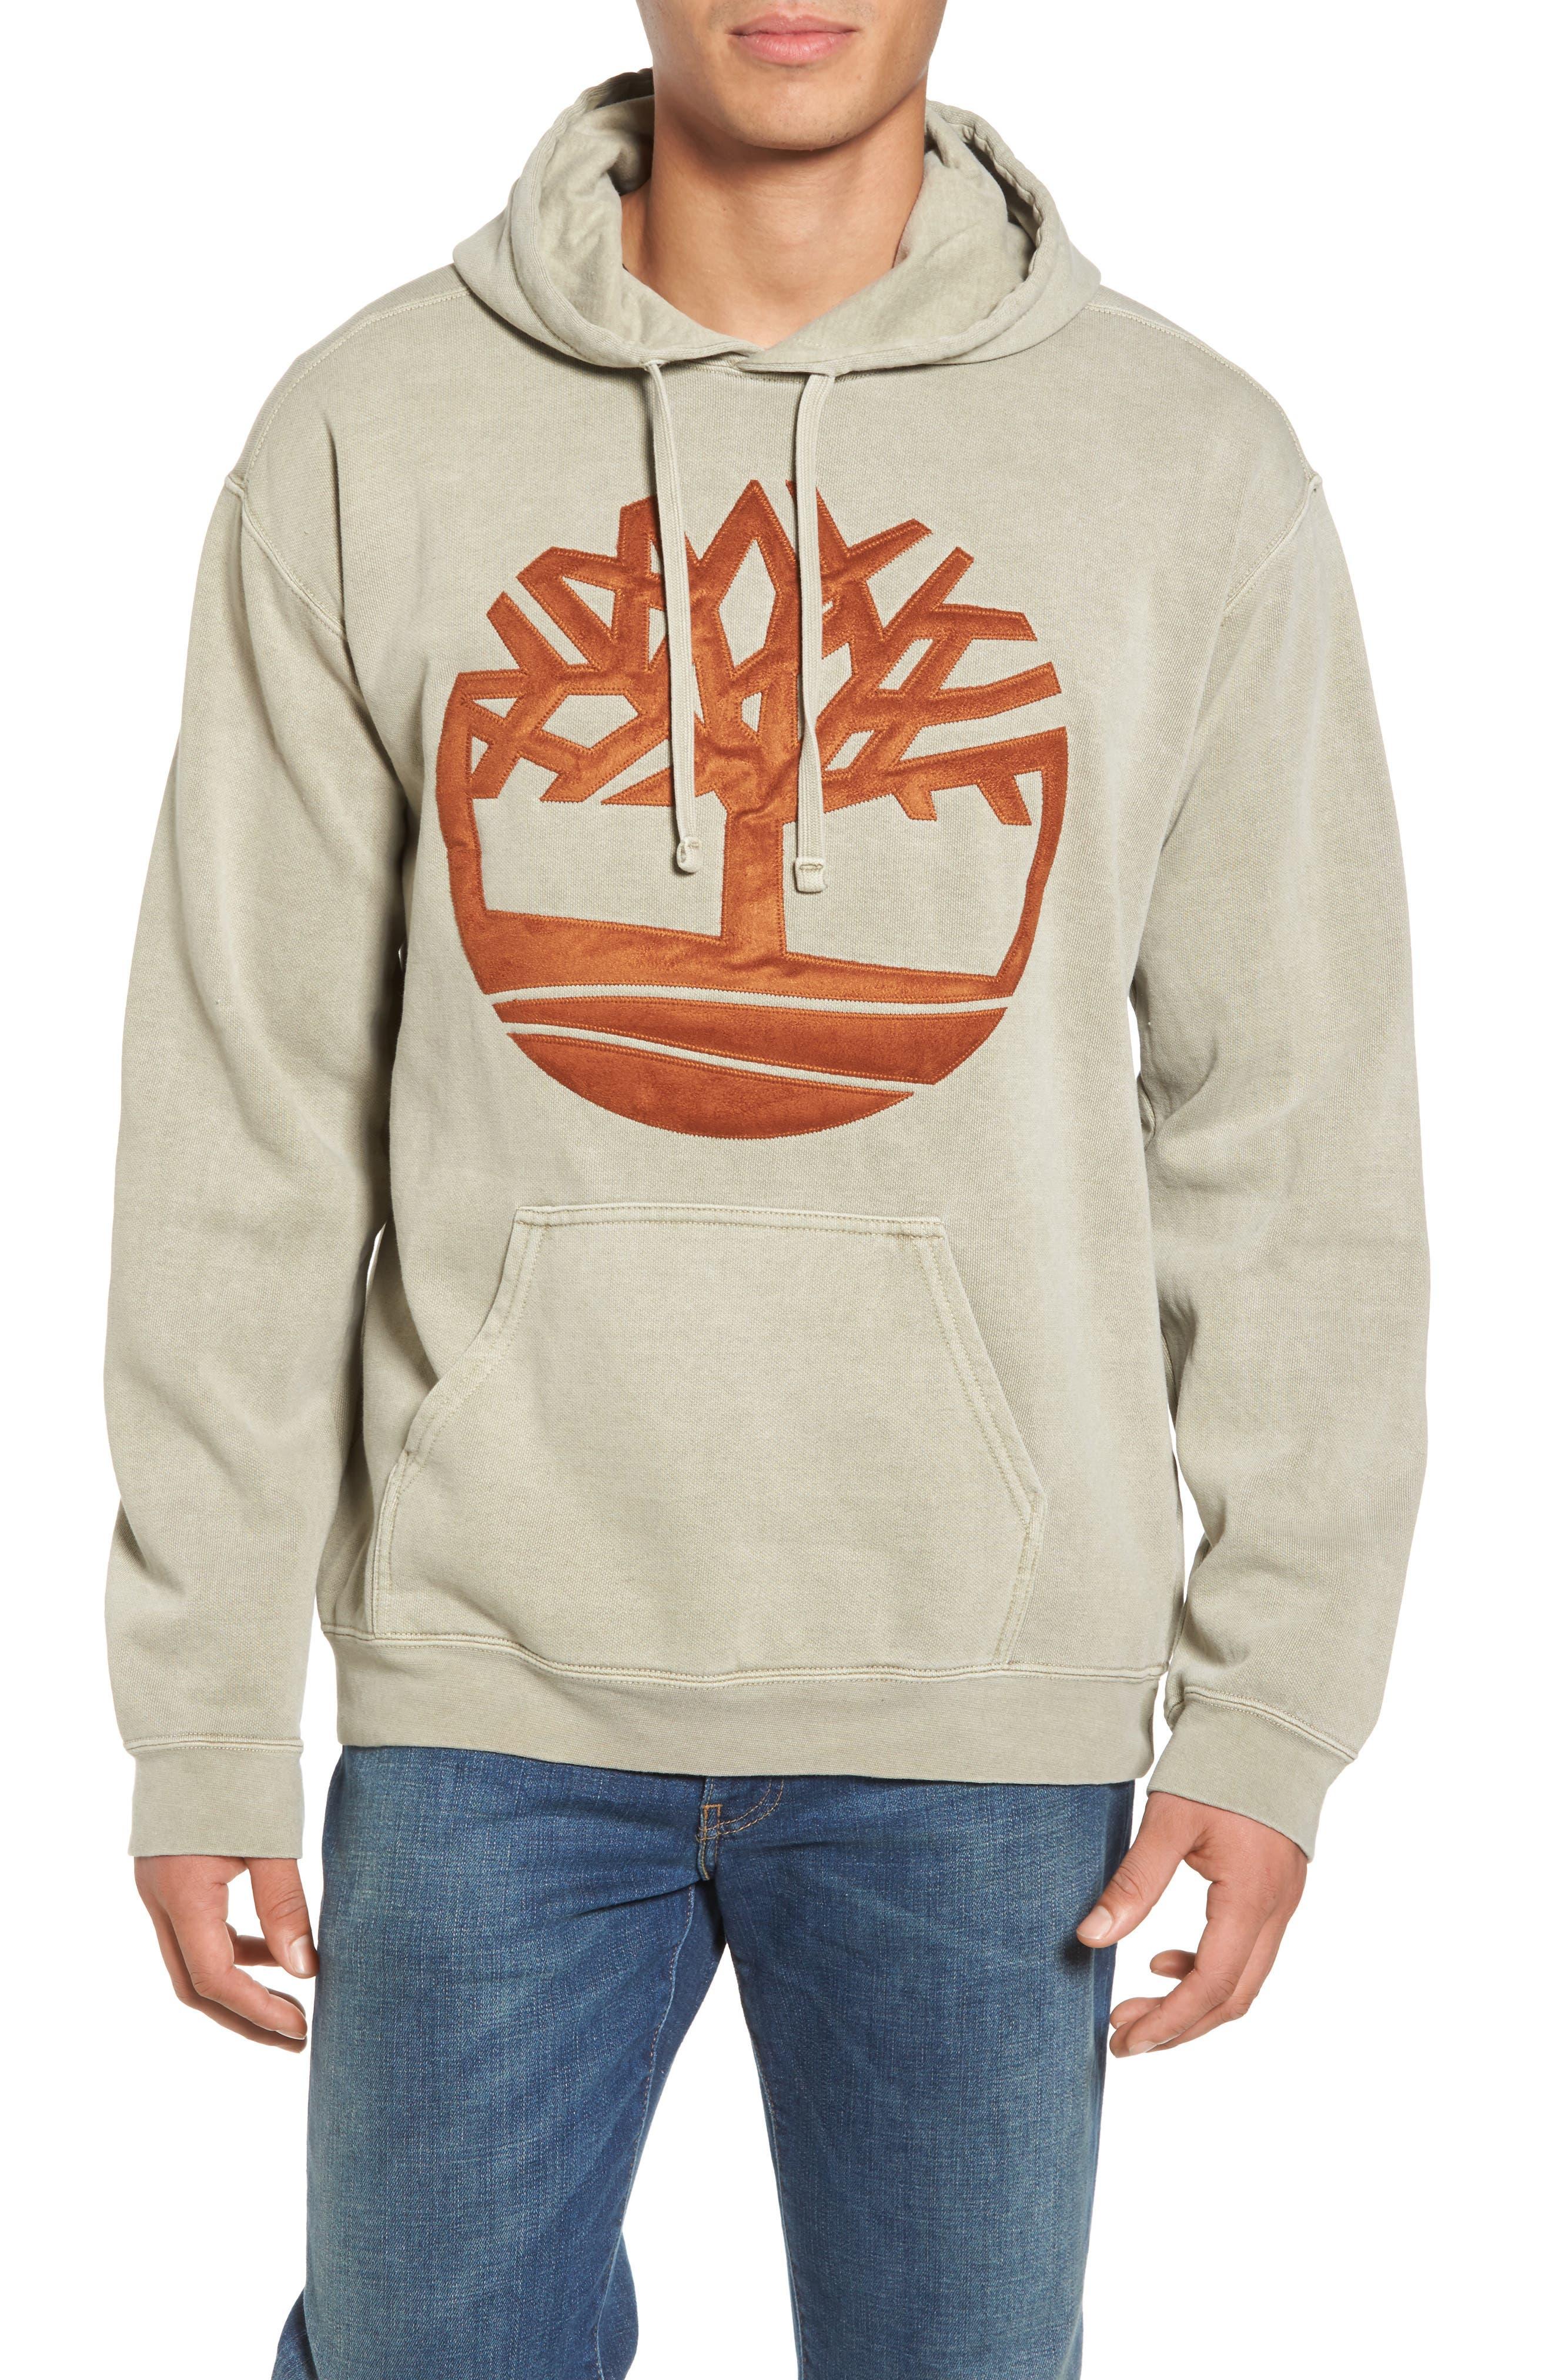 Timberland Vintage Appliqué Hoodie